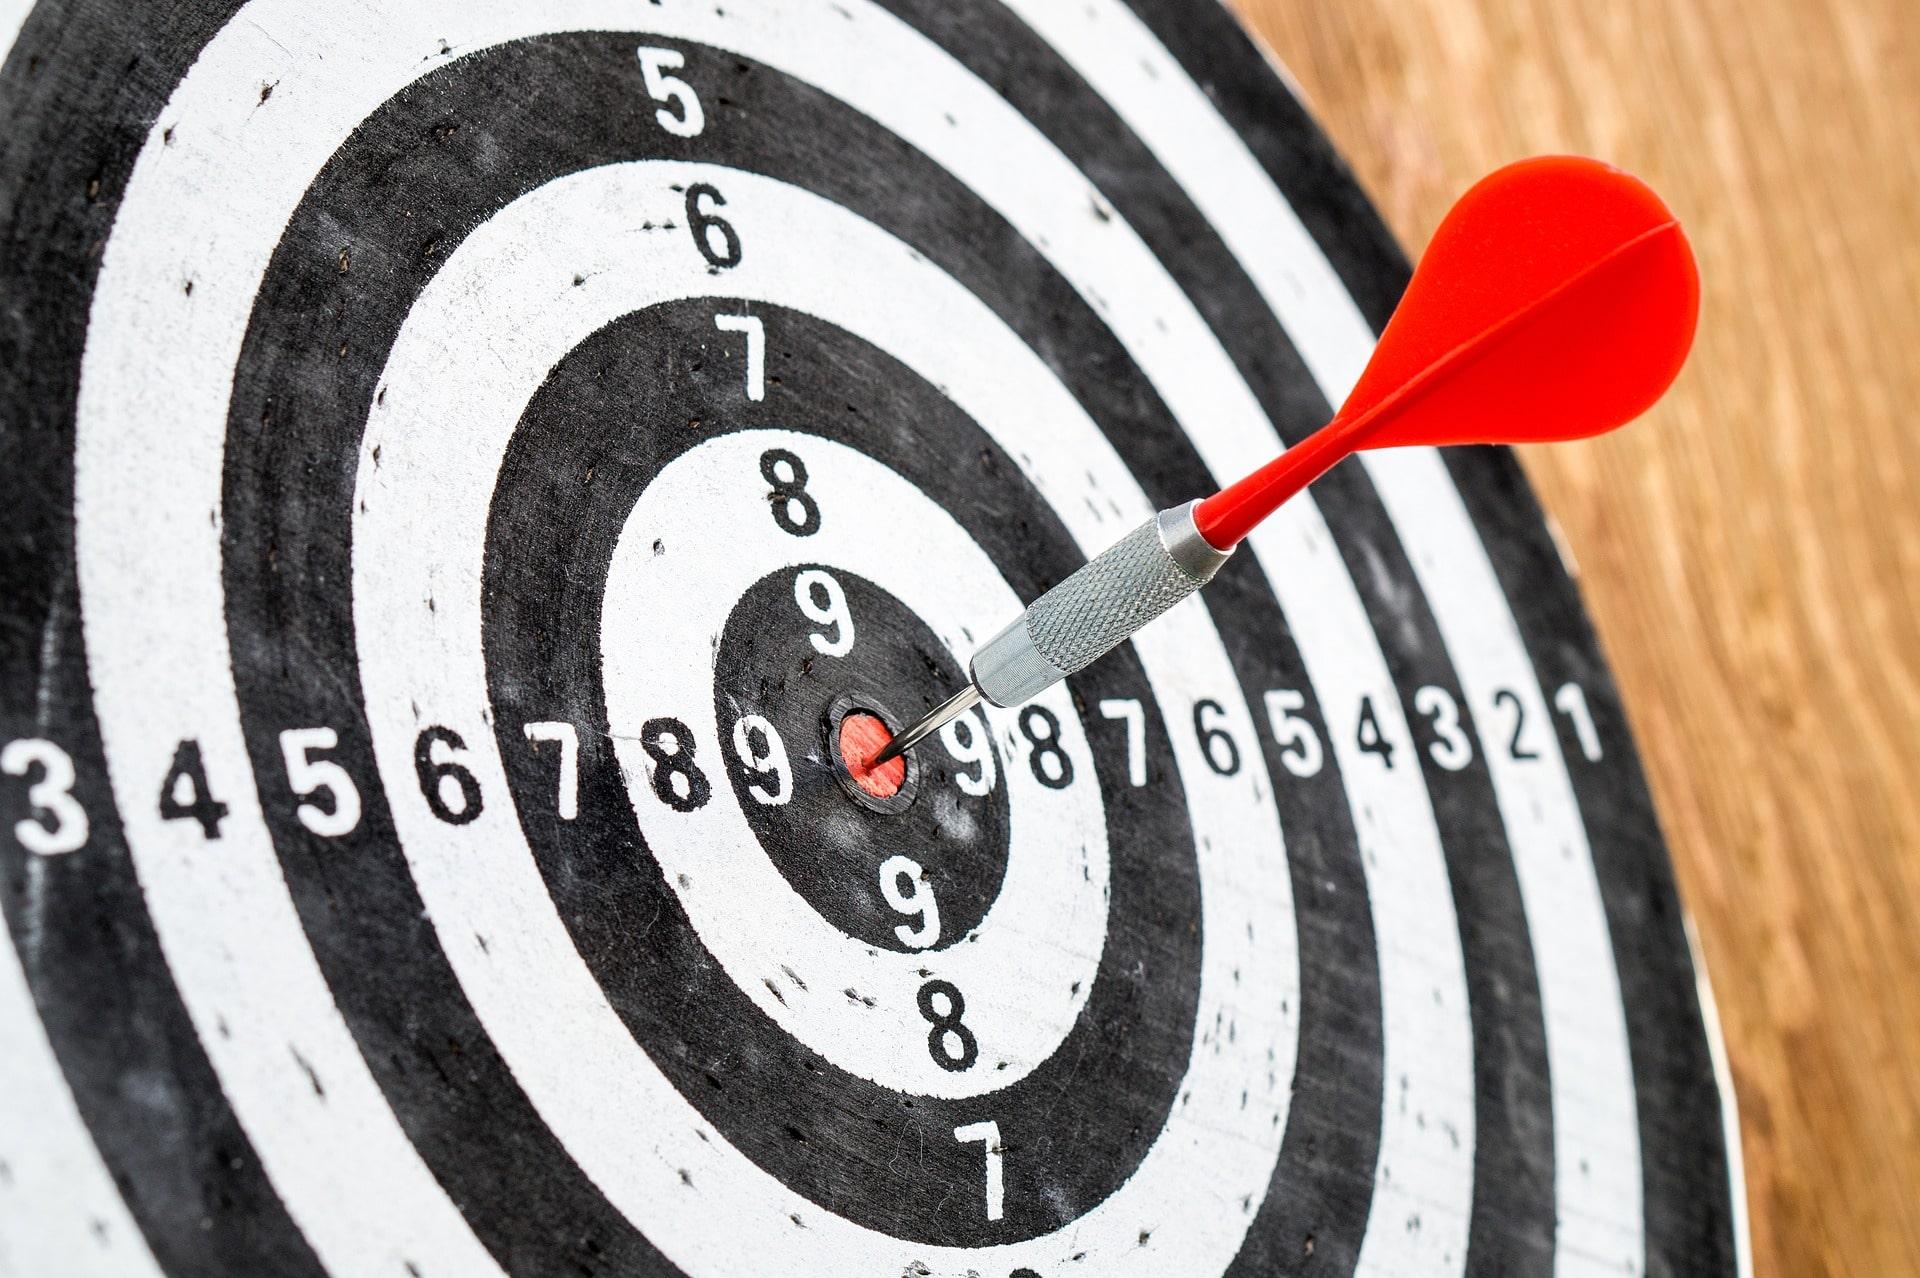 الأهداف الذكية: ما هي وما صفاتها وكيف يمكن تحديدها؟